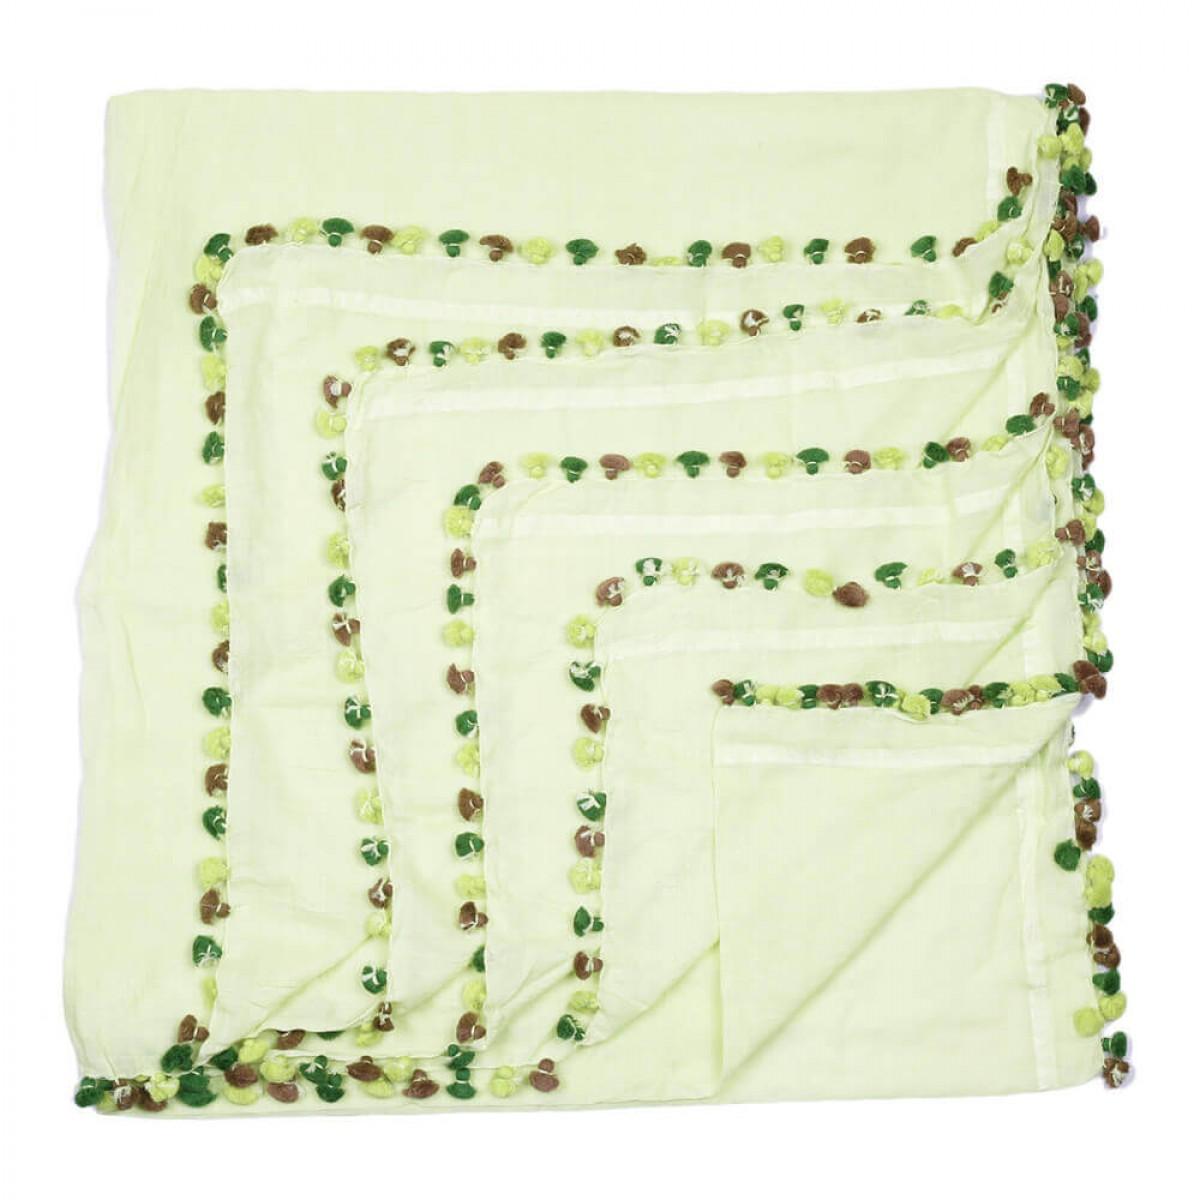 Summer Cotton Scarf - Light Green